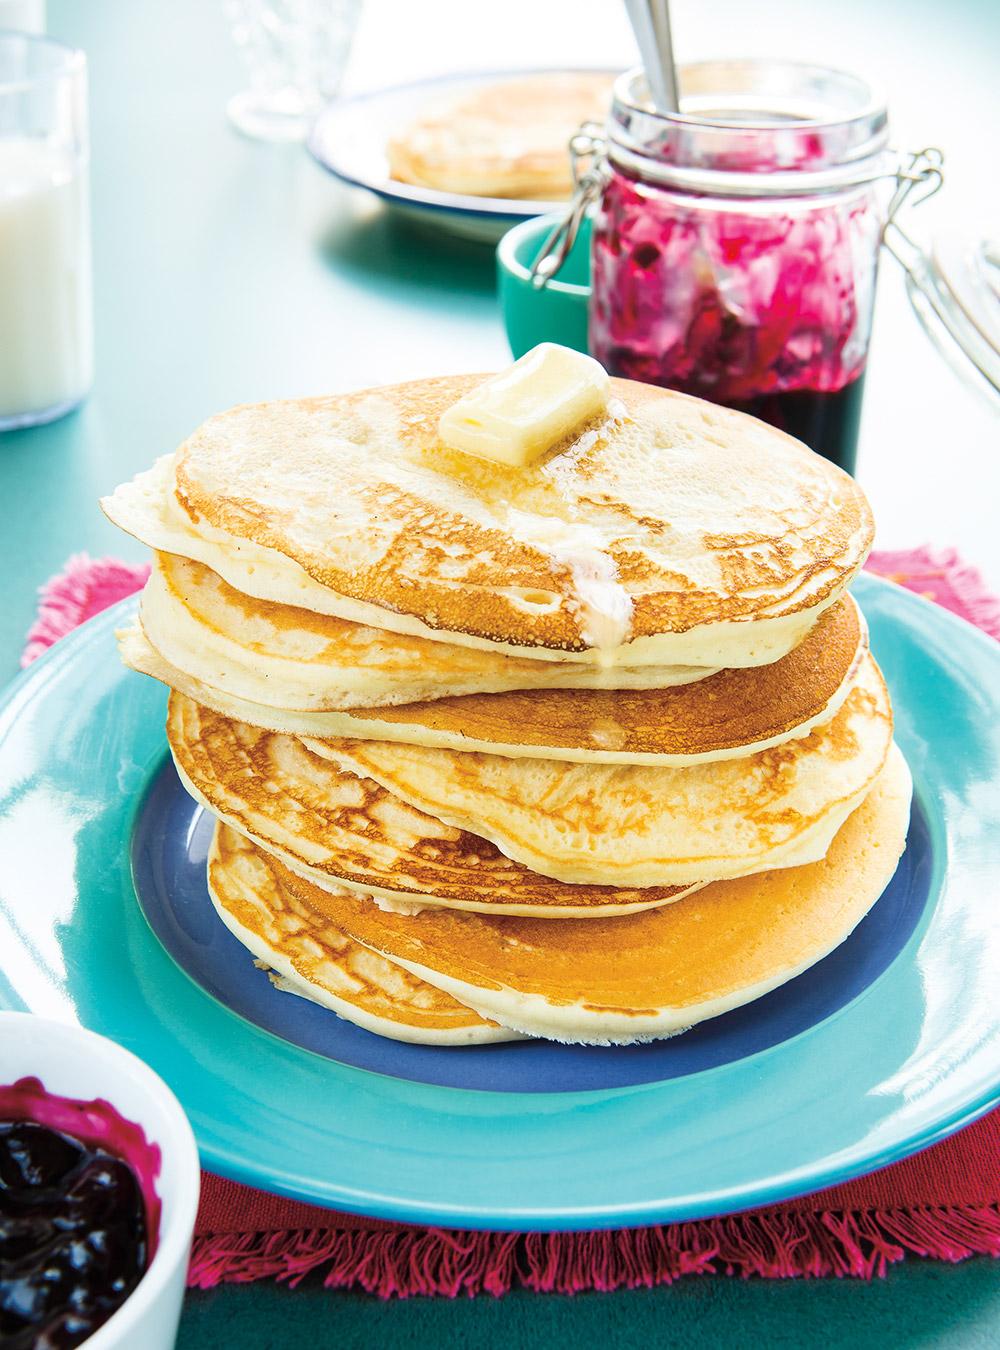 Déjeuners et brunch: idées de brunch pour petit déjeuner | ricardo